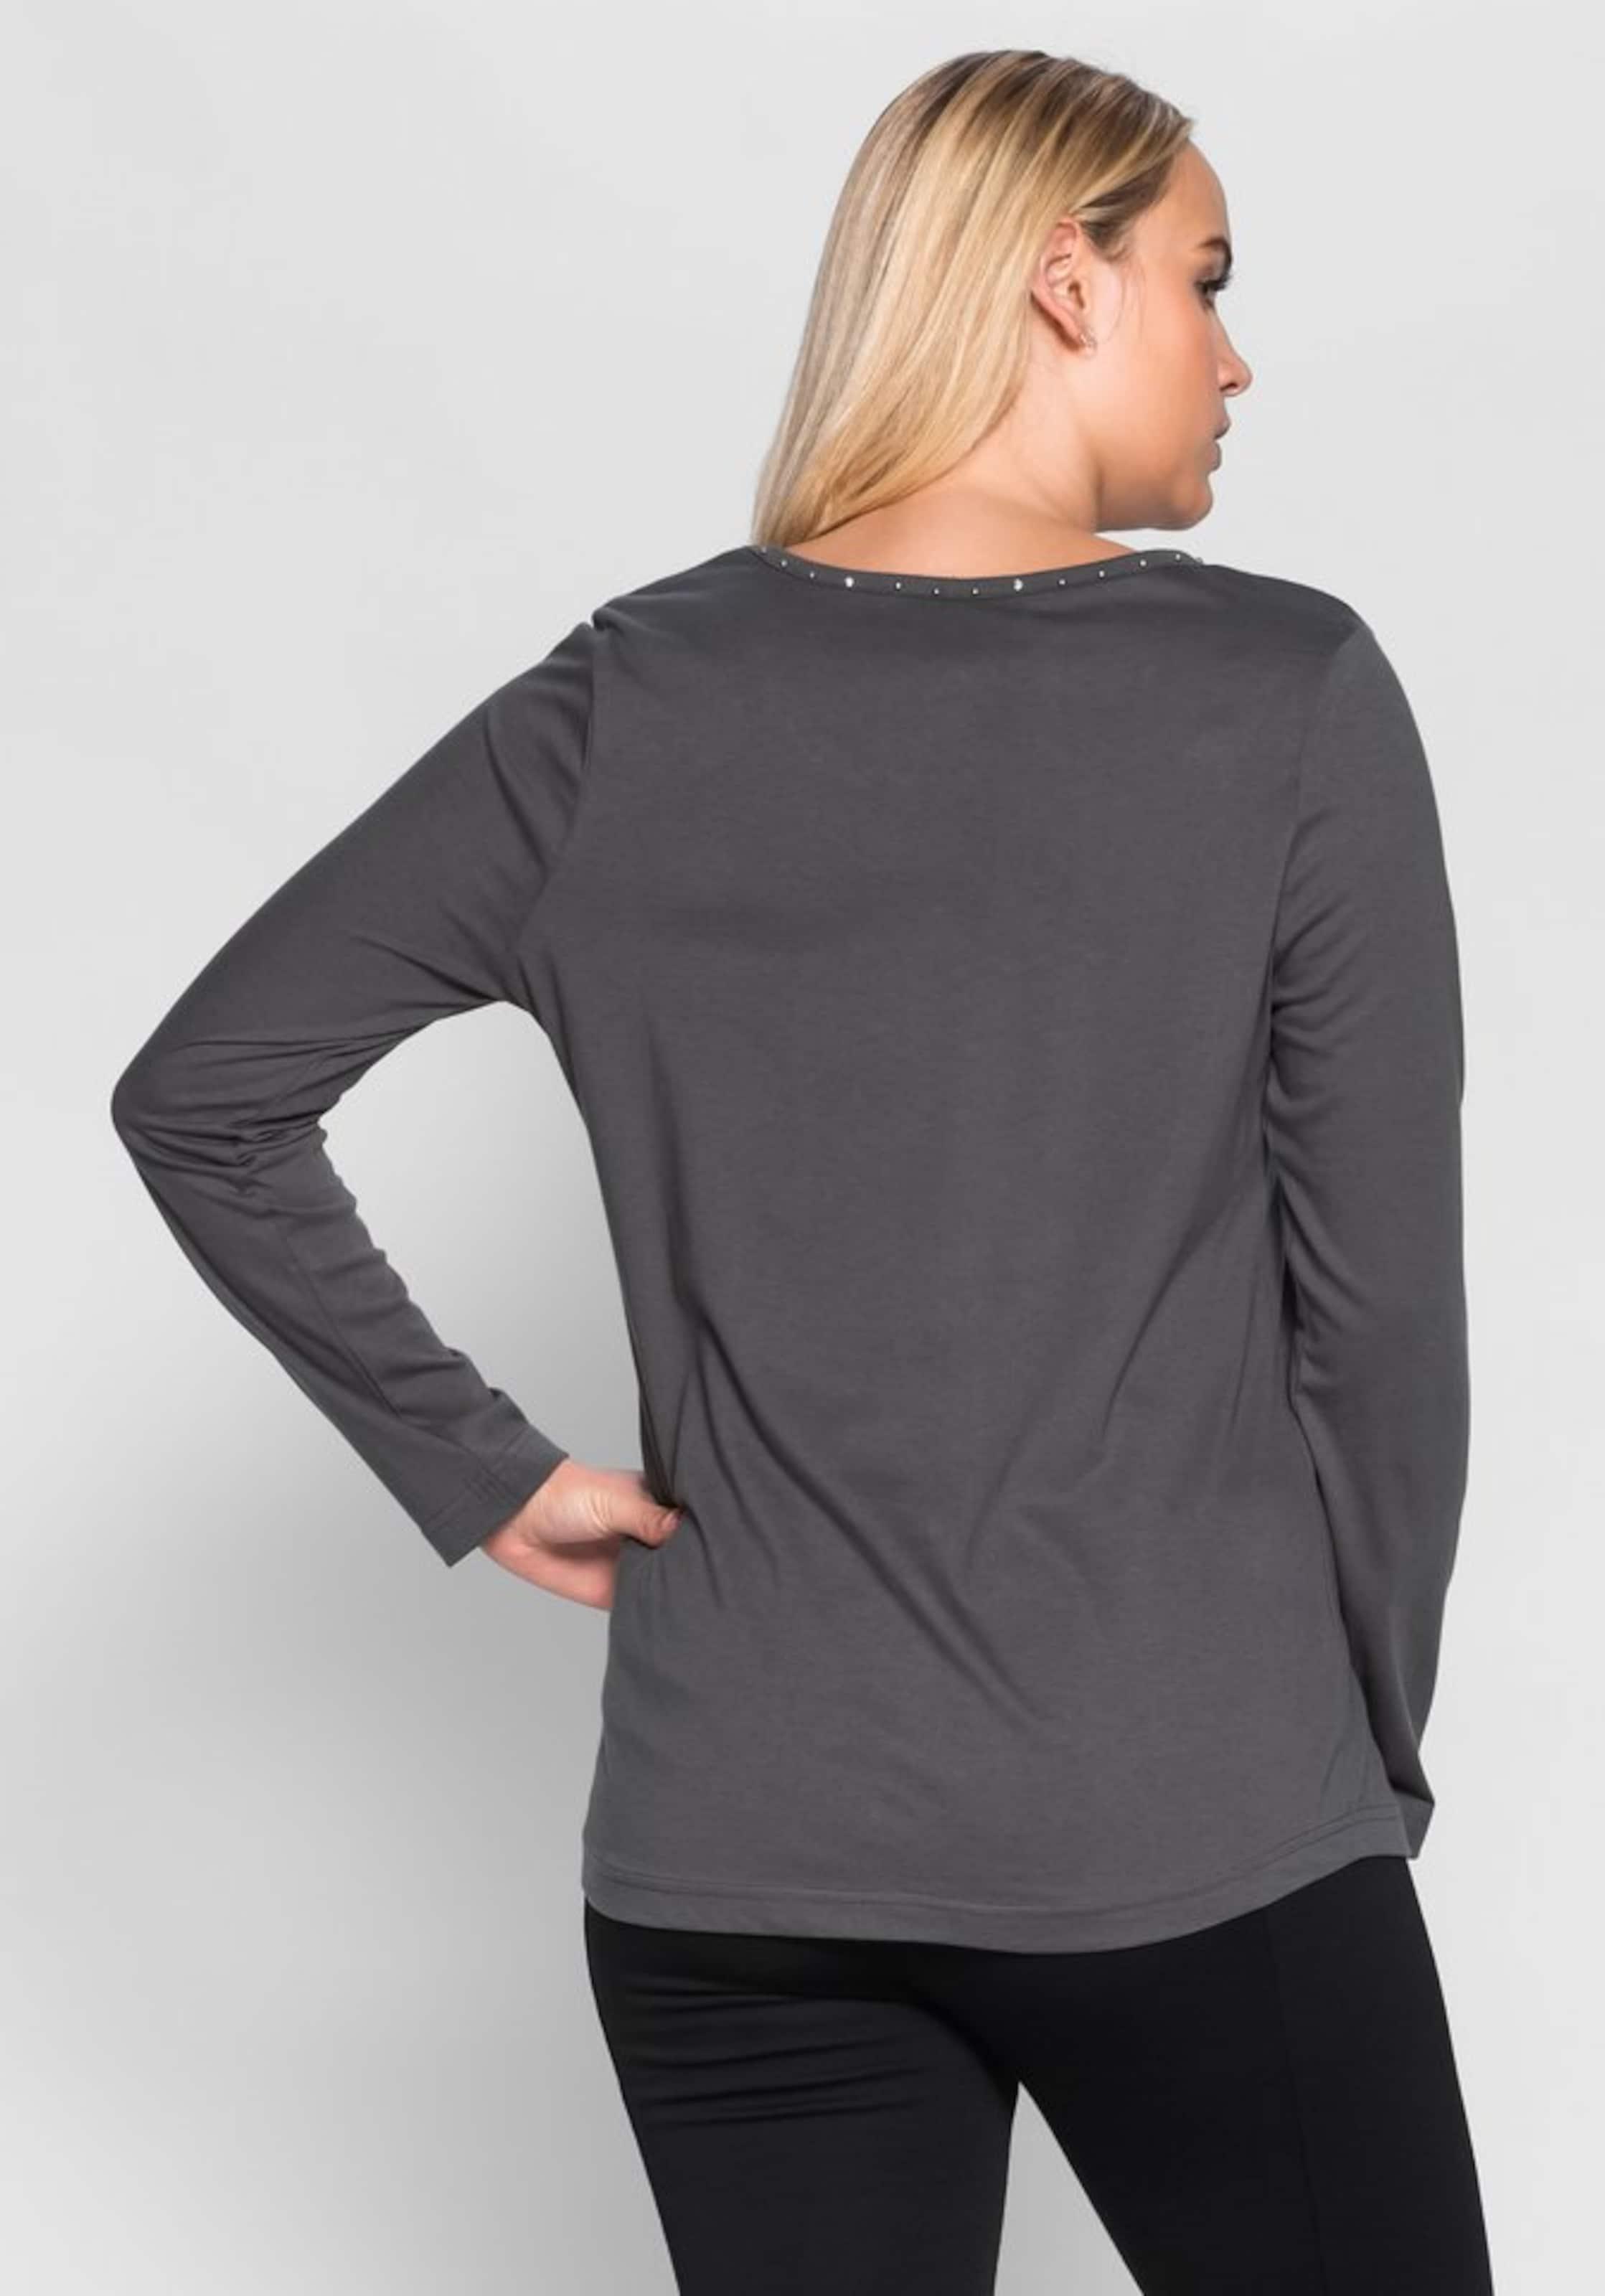 Verkauf Klassische sheego casual Langarmshirt Spielraum Perfekt Freies Verschiffen Veröffentlichungstermine Versand Rabatt Verkauf dWwKyAC